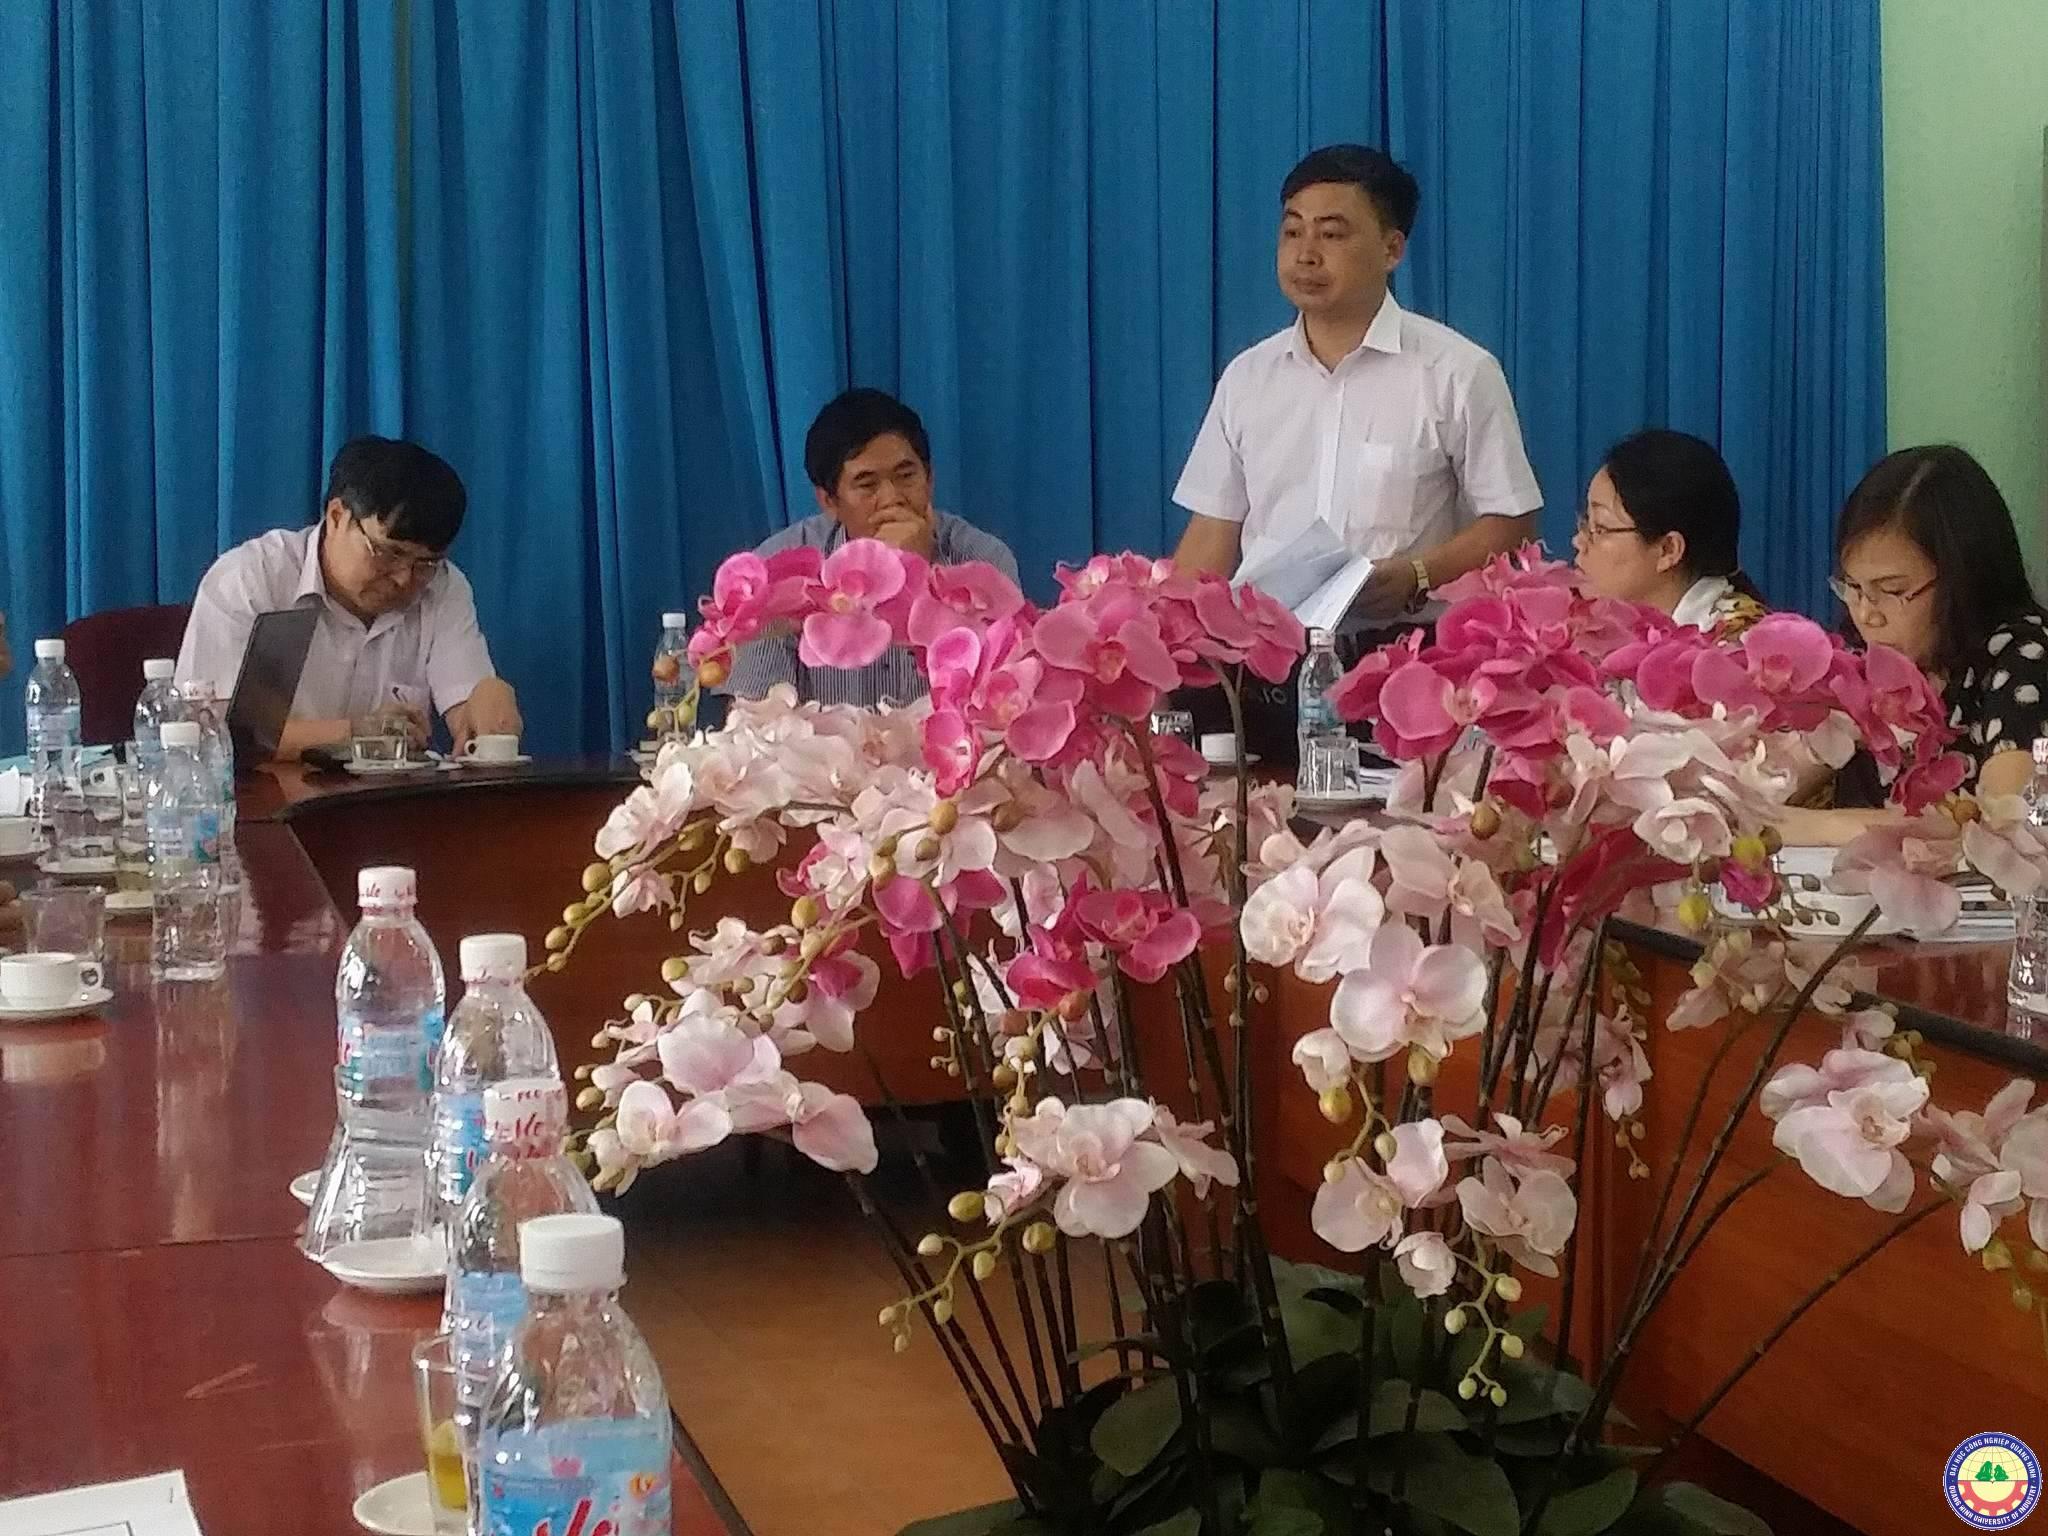 Sở Giáo dục đào tạo tỉnh Quảng Ninh kiểm tra các điều kiệm để mở nghành đào tạo thạc sĩ của trường Đại học Công nghiệp Quảng Ninh